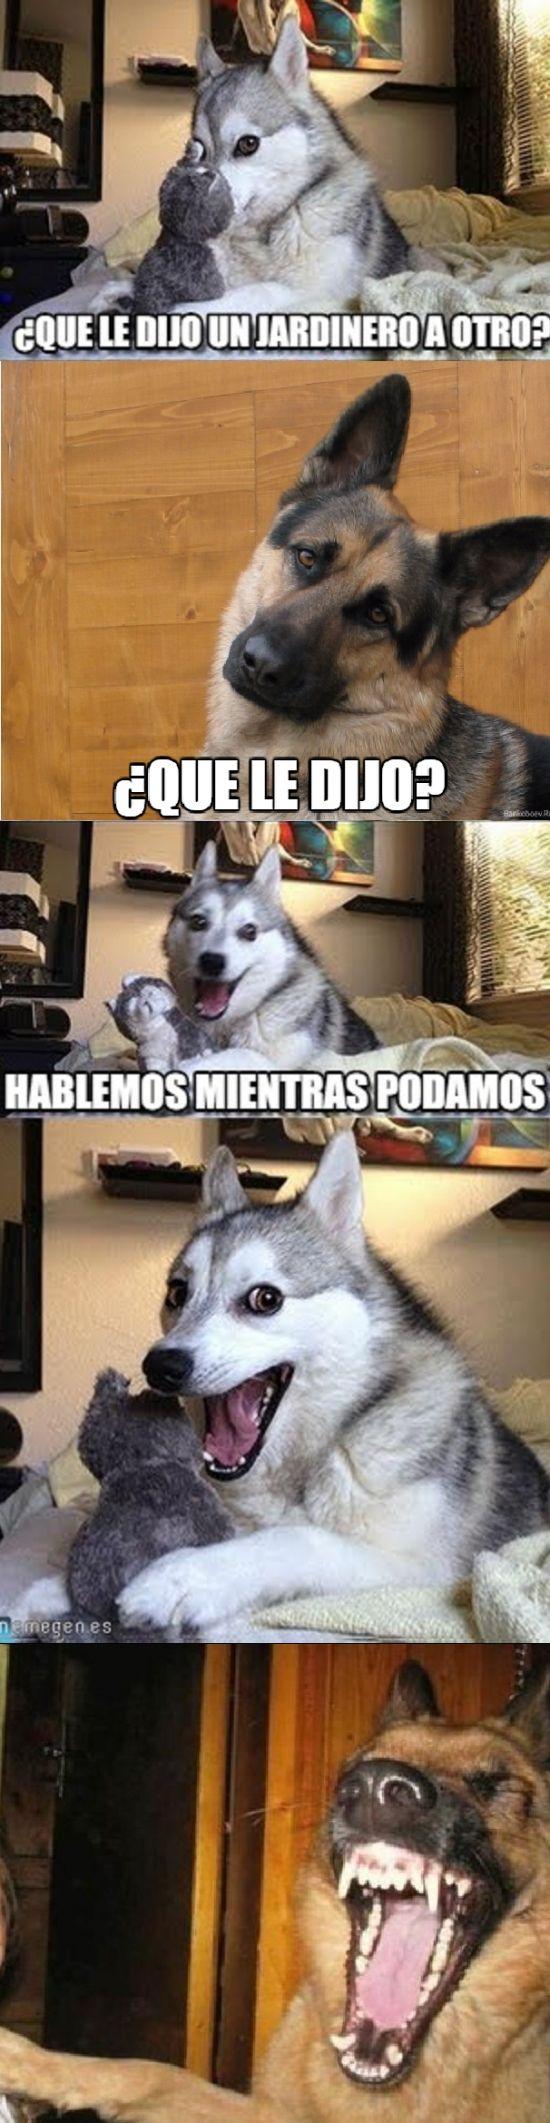 2484581 - La combinación de perros más graciosa que existe